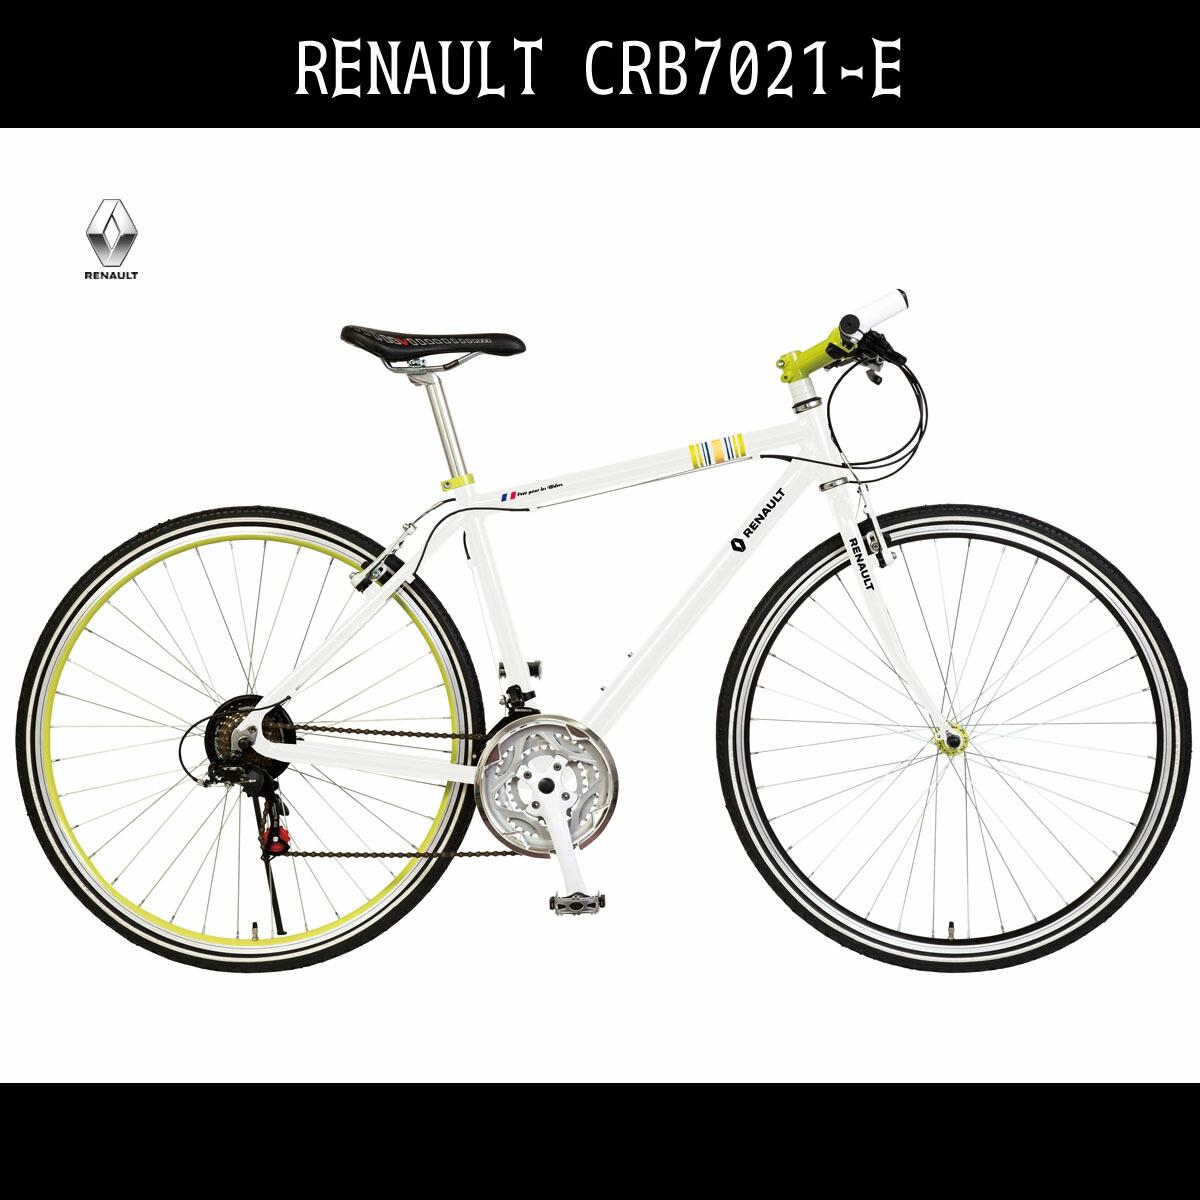 クロスバイク 自転車 ルノー RENAULT 自転車 ホワイト/白700c クロスバイク 軽量 外装21段変速ギア付き アルミ グリップバーエンド ルノー AL-CRB7021-E アルミニウム